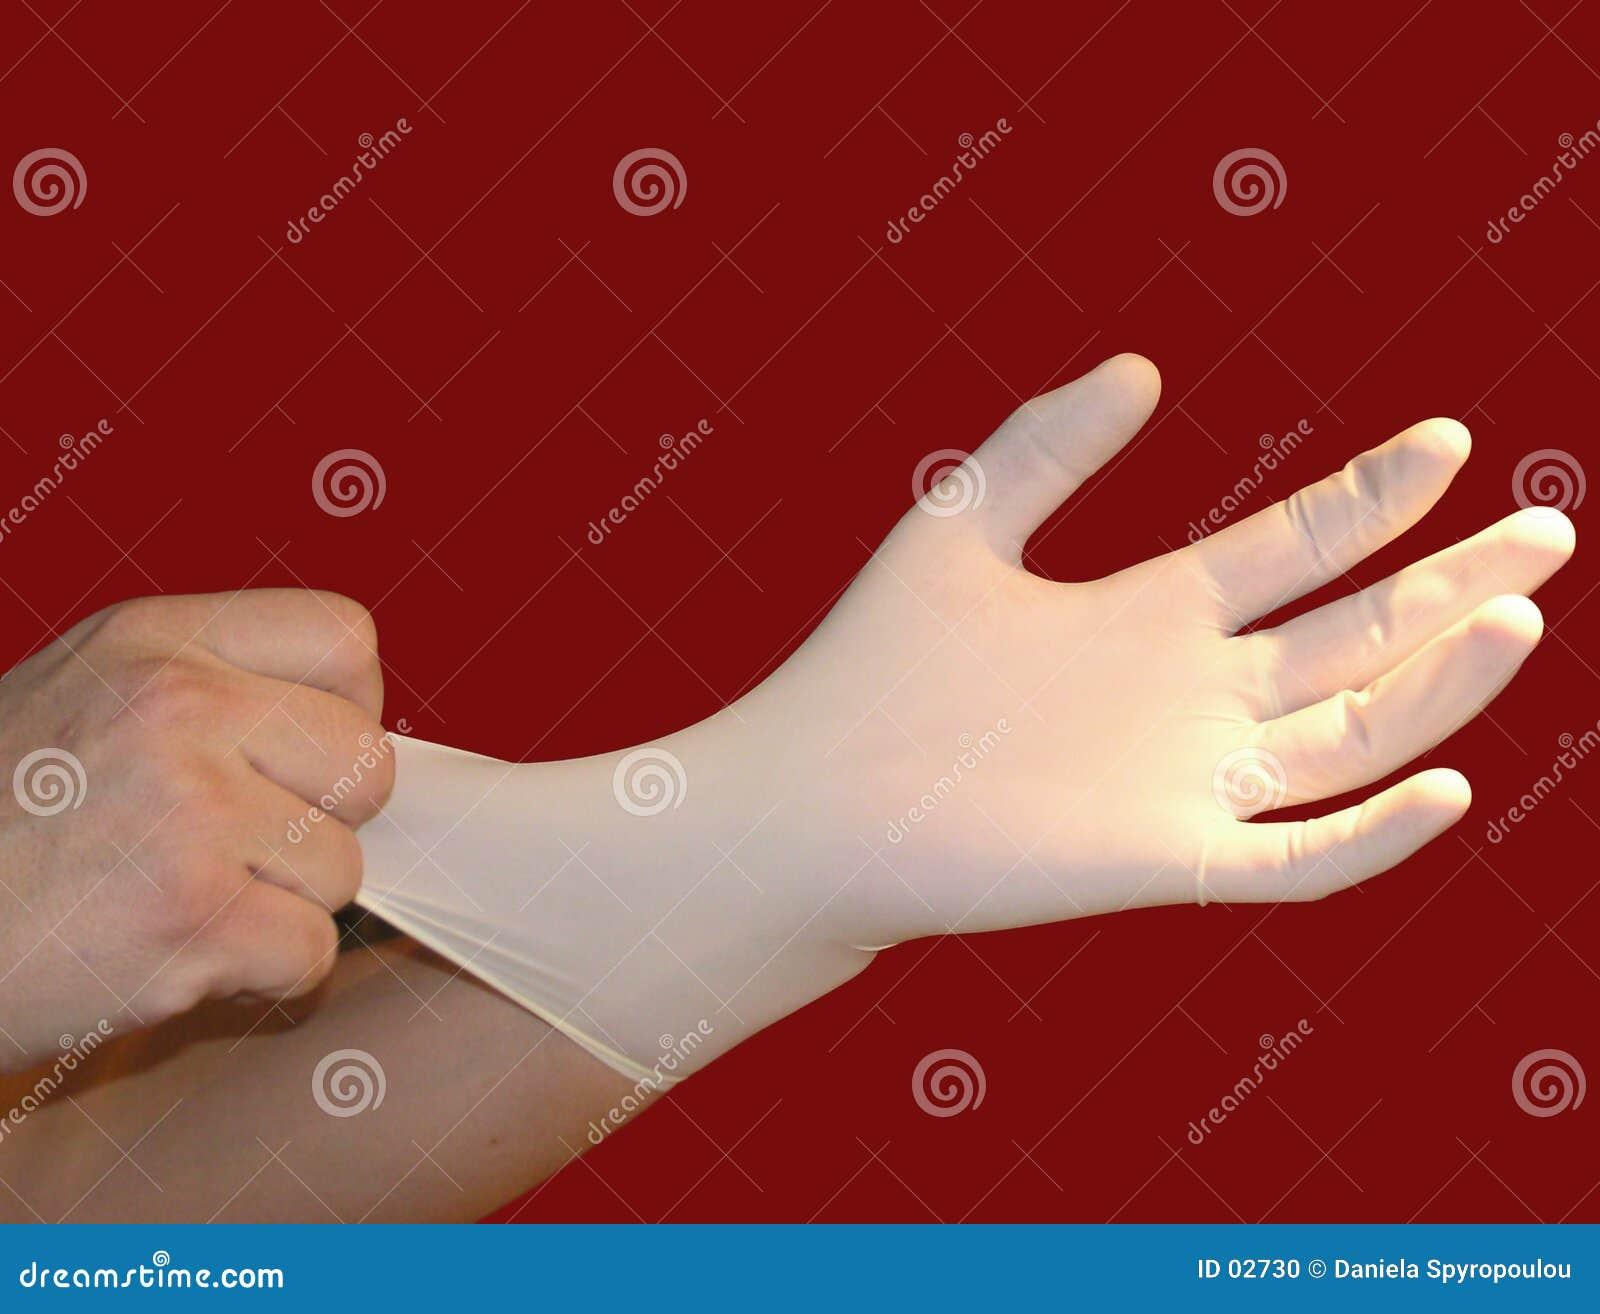 Medische handschoenen